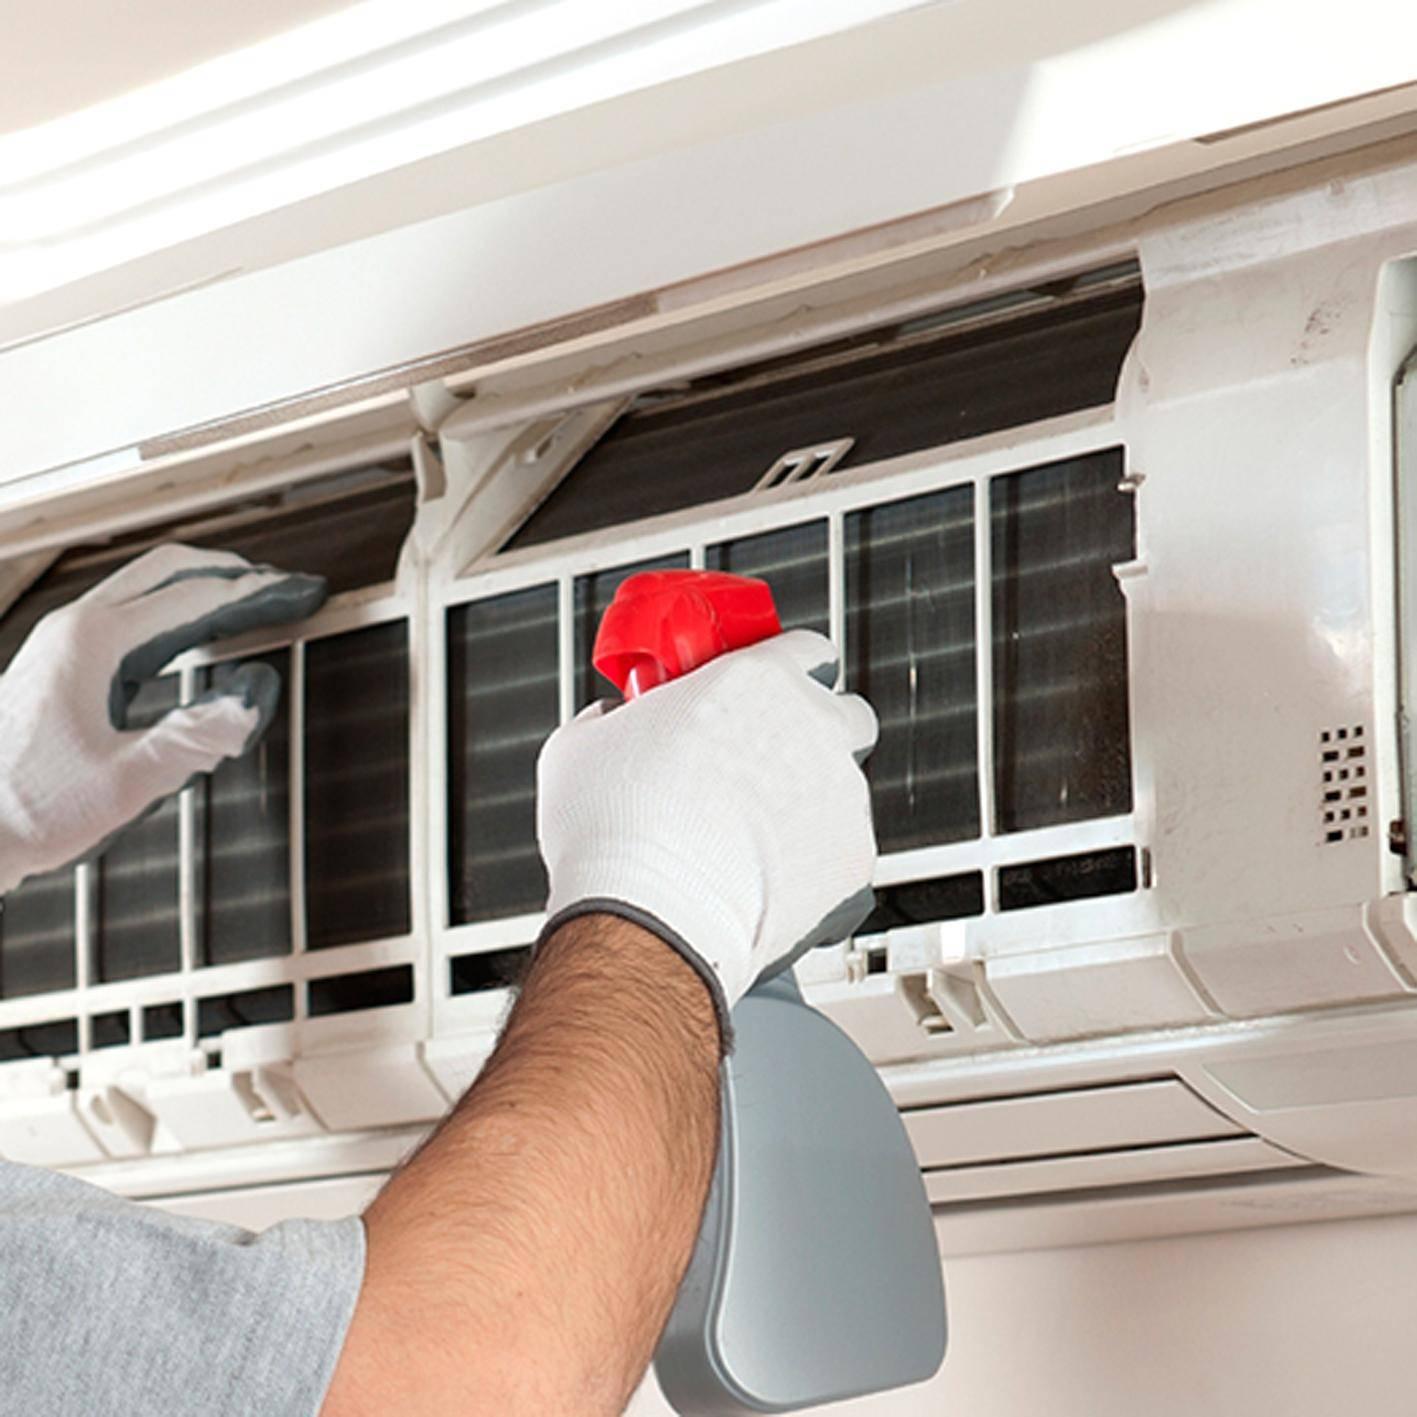 Как самостоятельно почистить дома кондиционер? правила чистки домашнего кондиционера своими руками. как промыть мобильный комнатный кондиционер?